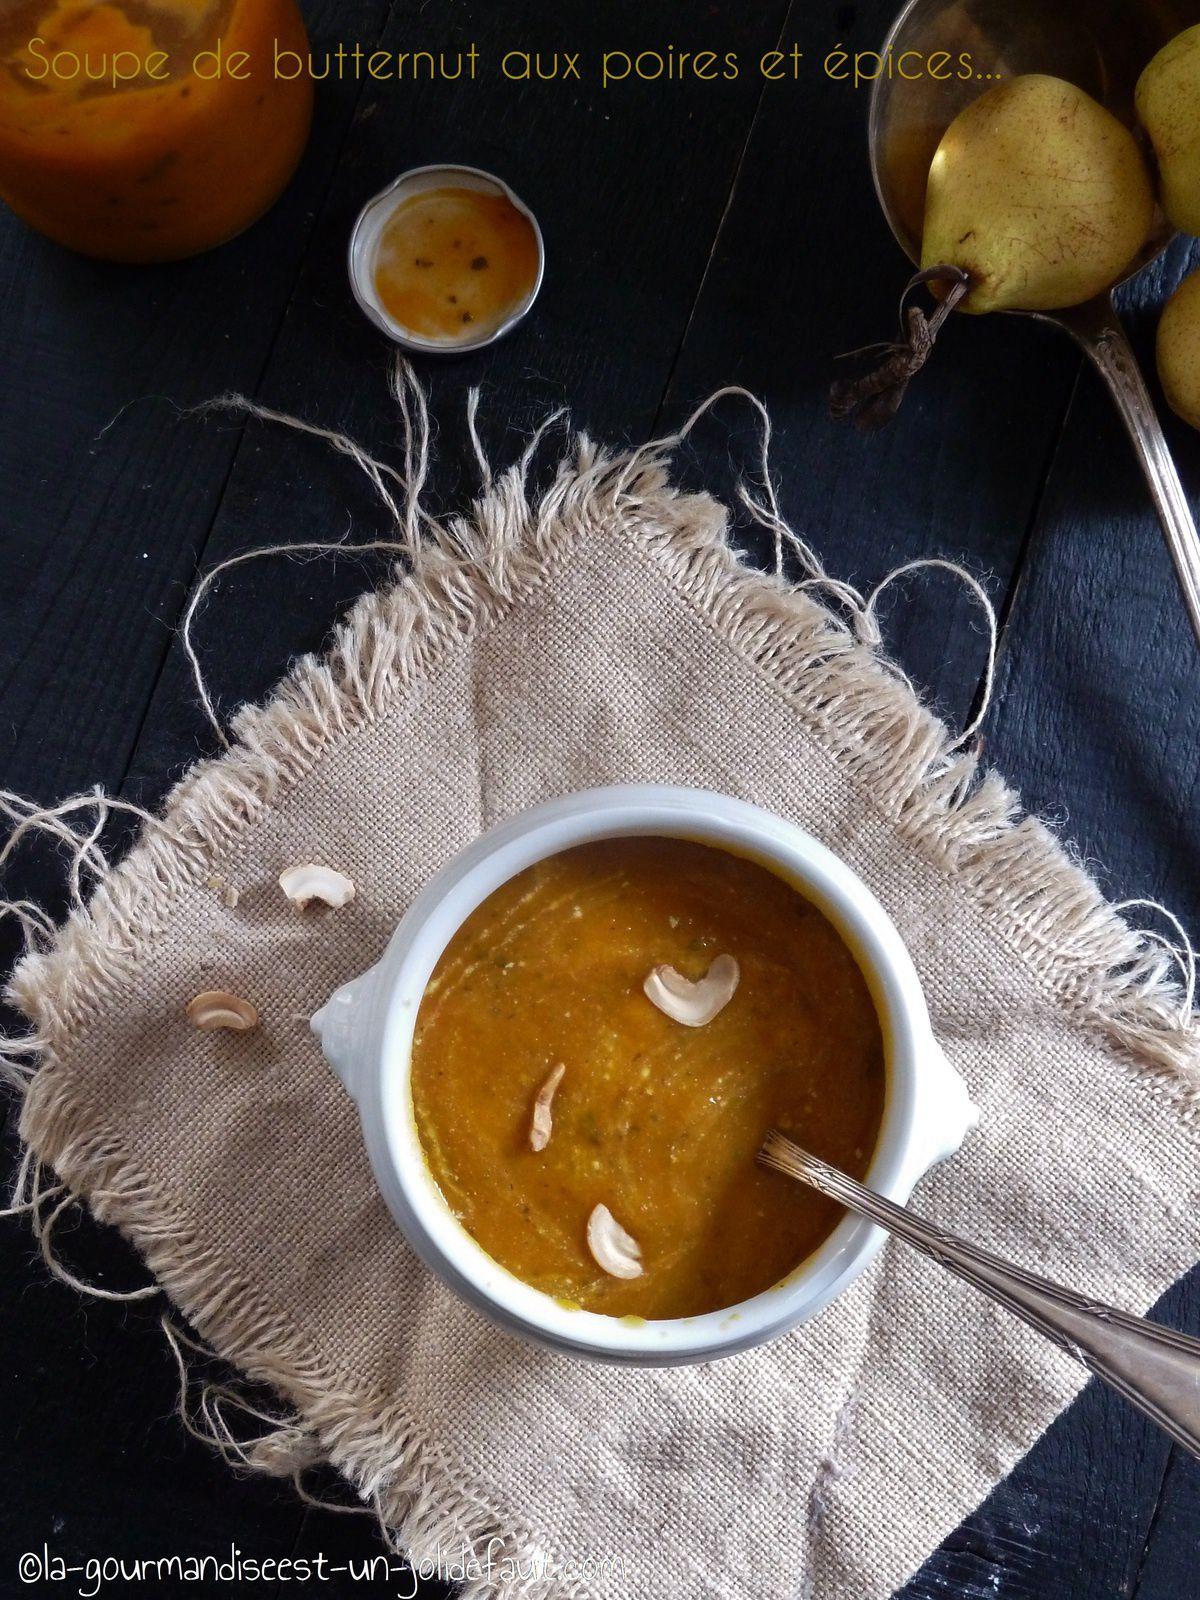 Soupe de butternut aux poires et épices